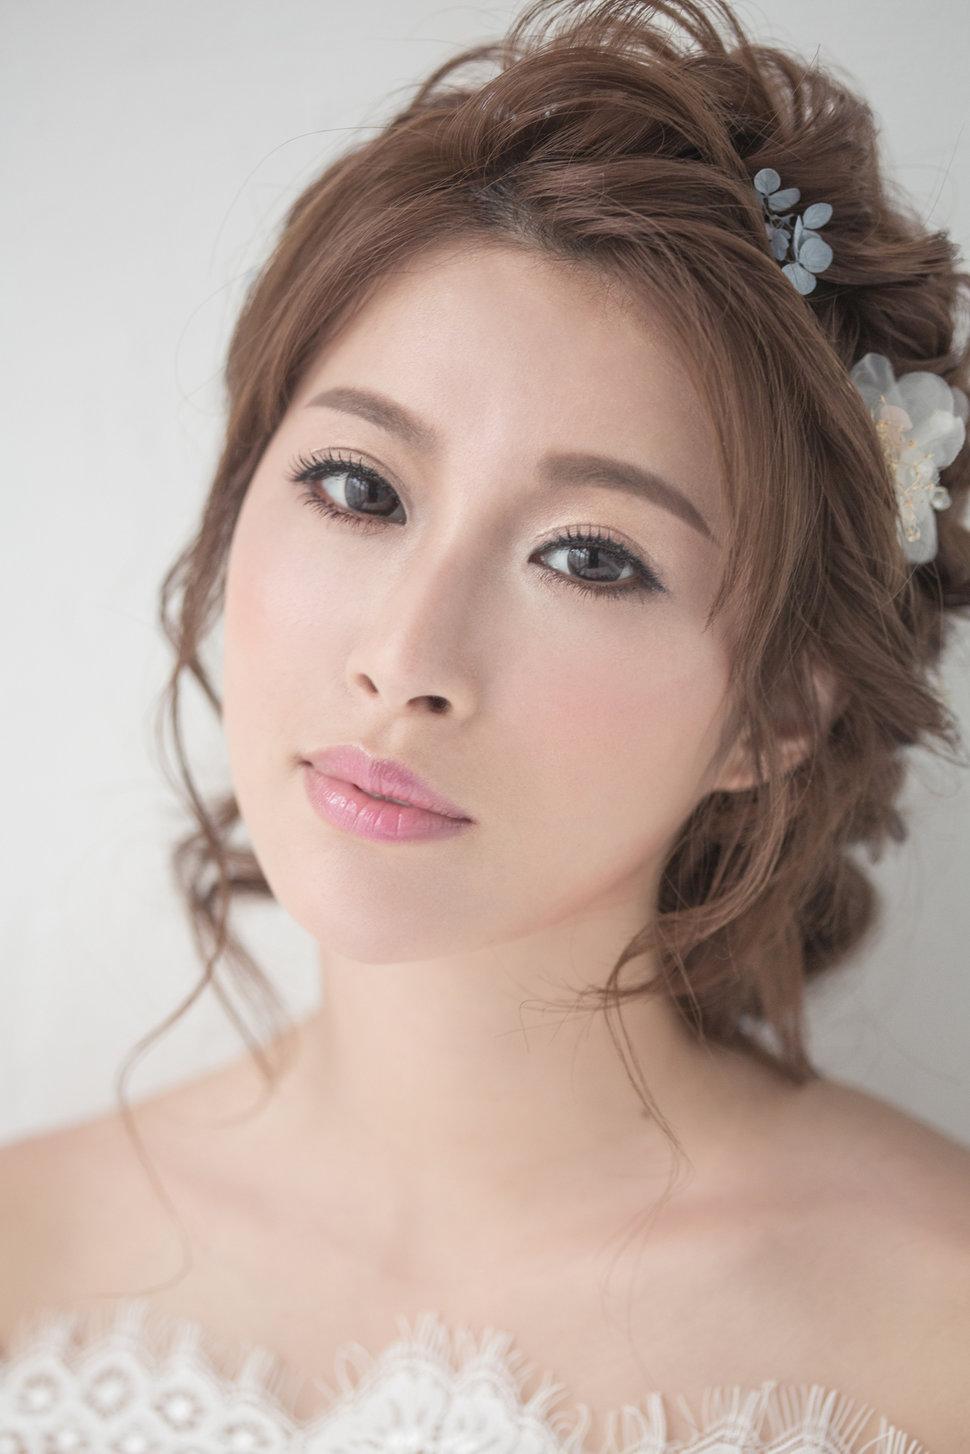 【純真精靈】低髻造型/純淨妝感-8 - iling彩妝造型 - 結婚吧一站式婚禮服務平台